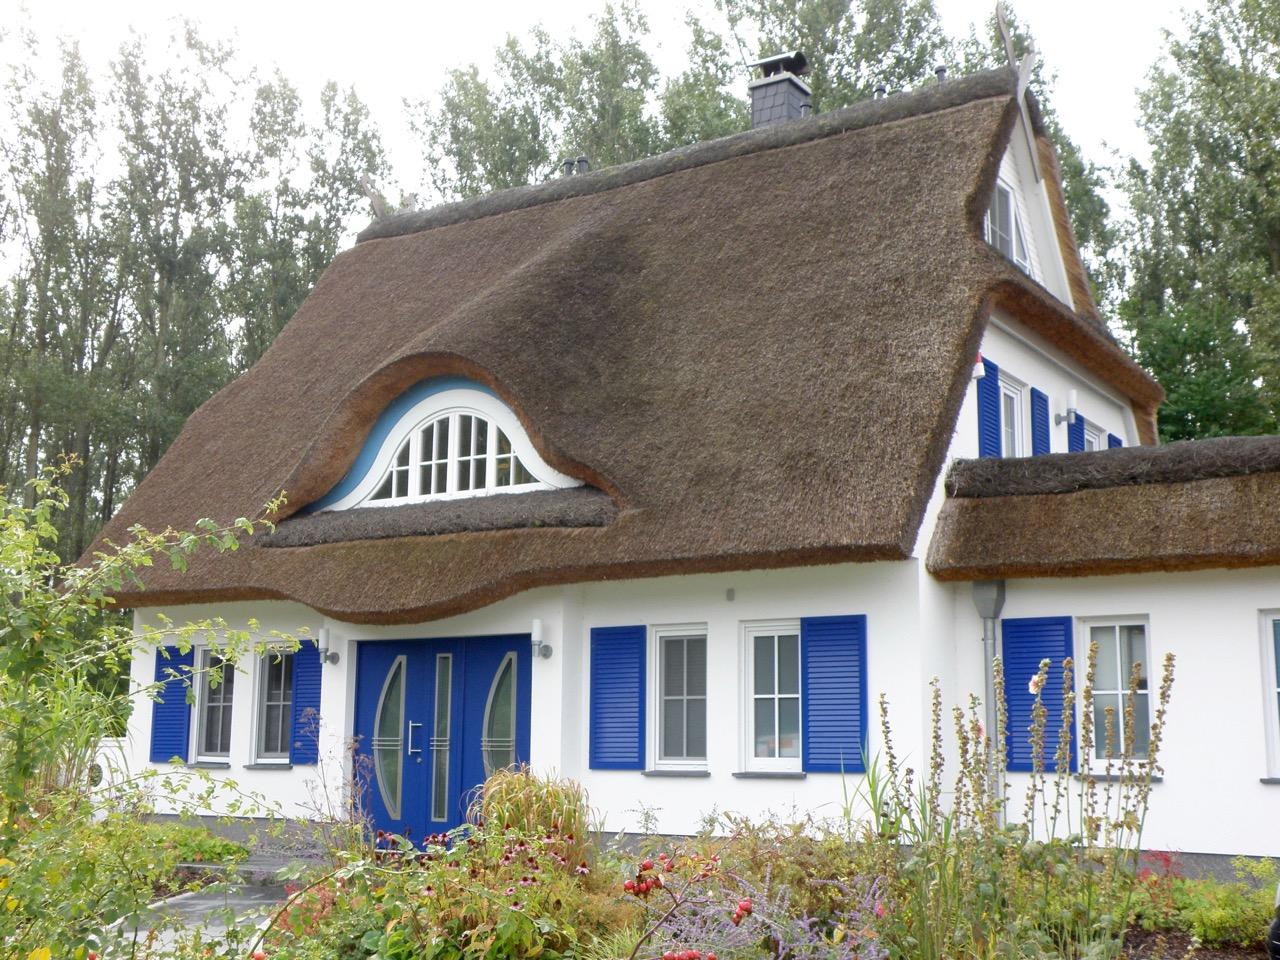 Villa Merle, Vorderansicht Eingang mit hübschem Vorgarten, Insel Rügen